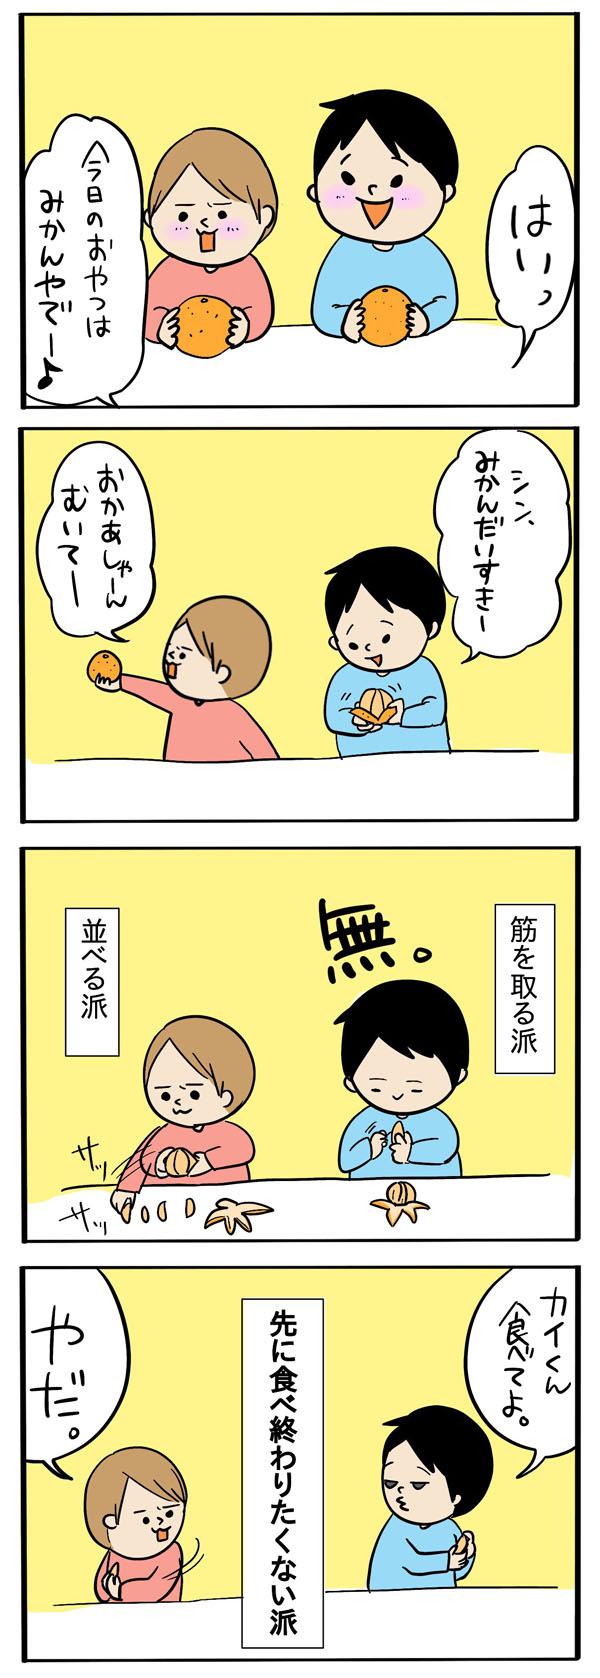 みかんの食べ方にも個性が出る! 兄弟の性格の違い【うちのアホかわ男子たち 第10話】